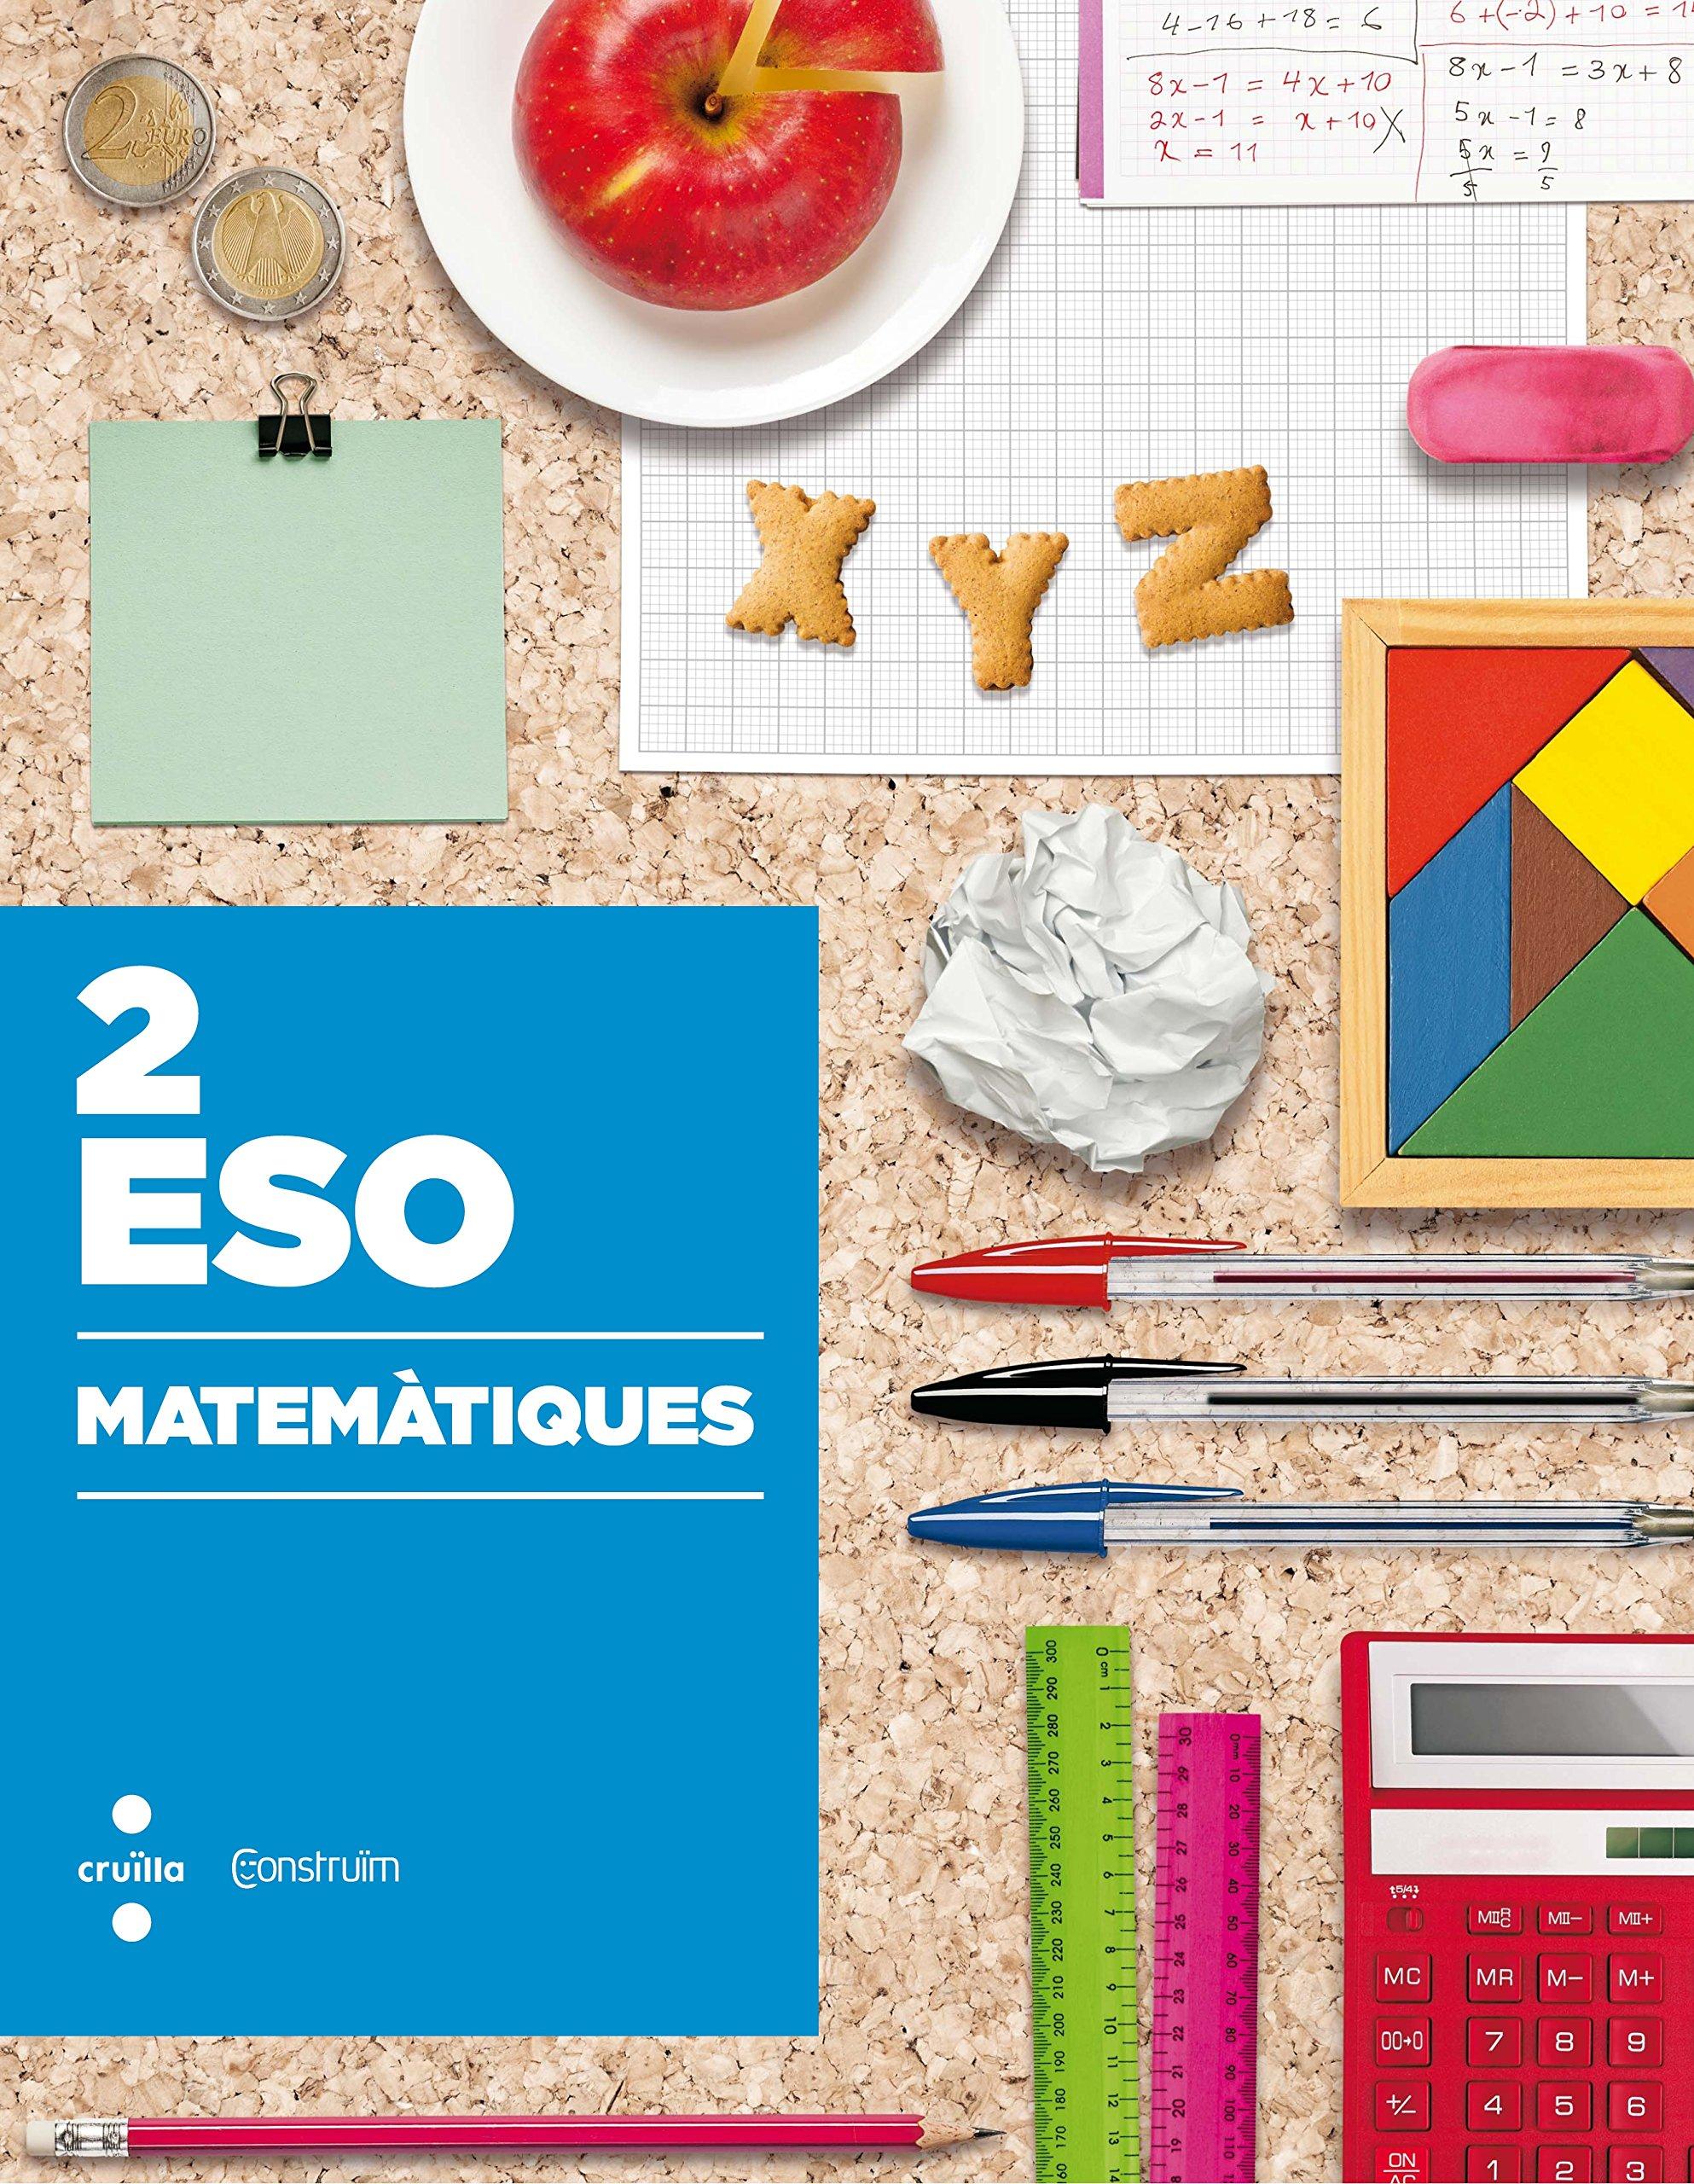 Matemàtiques. 2 ESO. Construïm - 9788466140621: Amazon.es ...